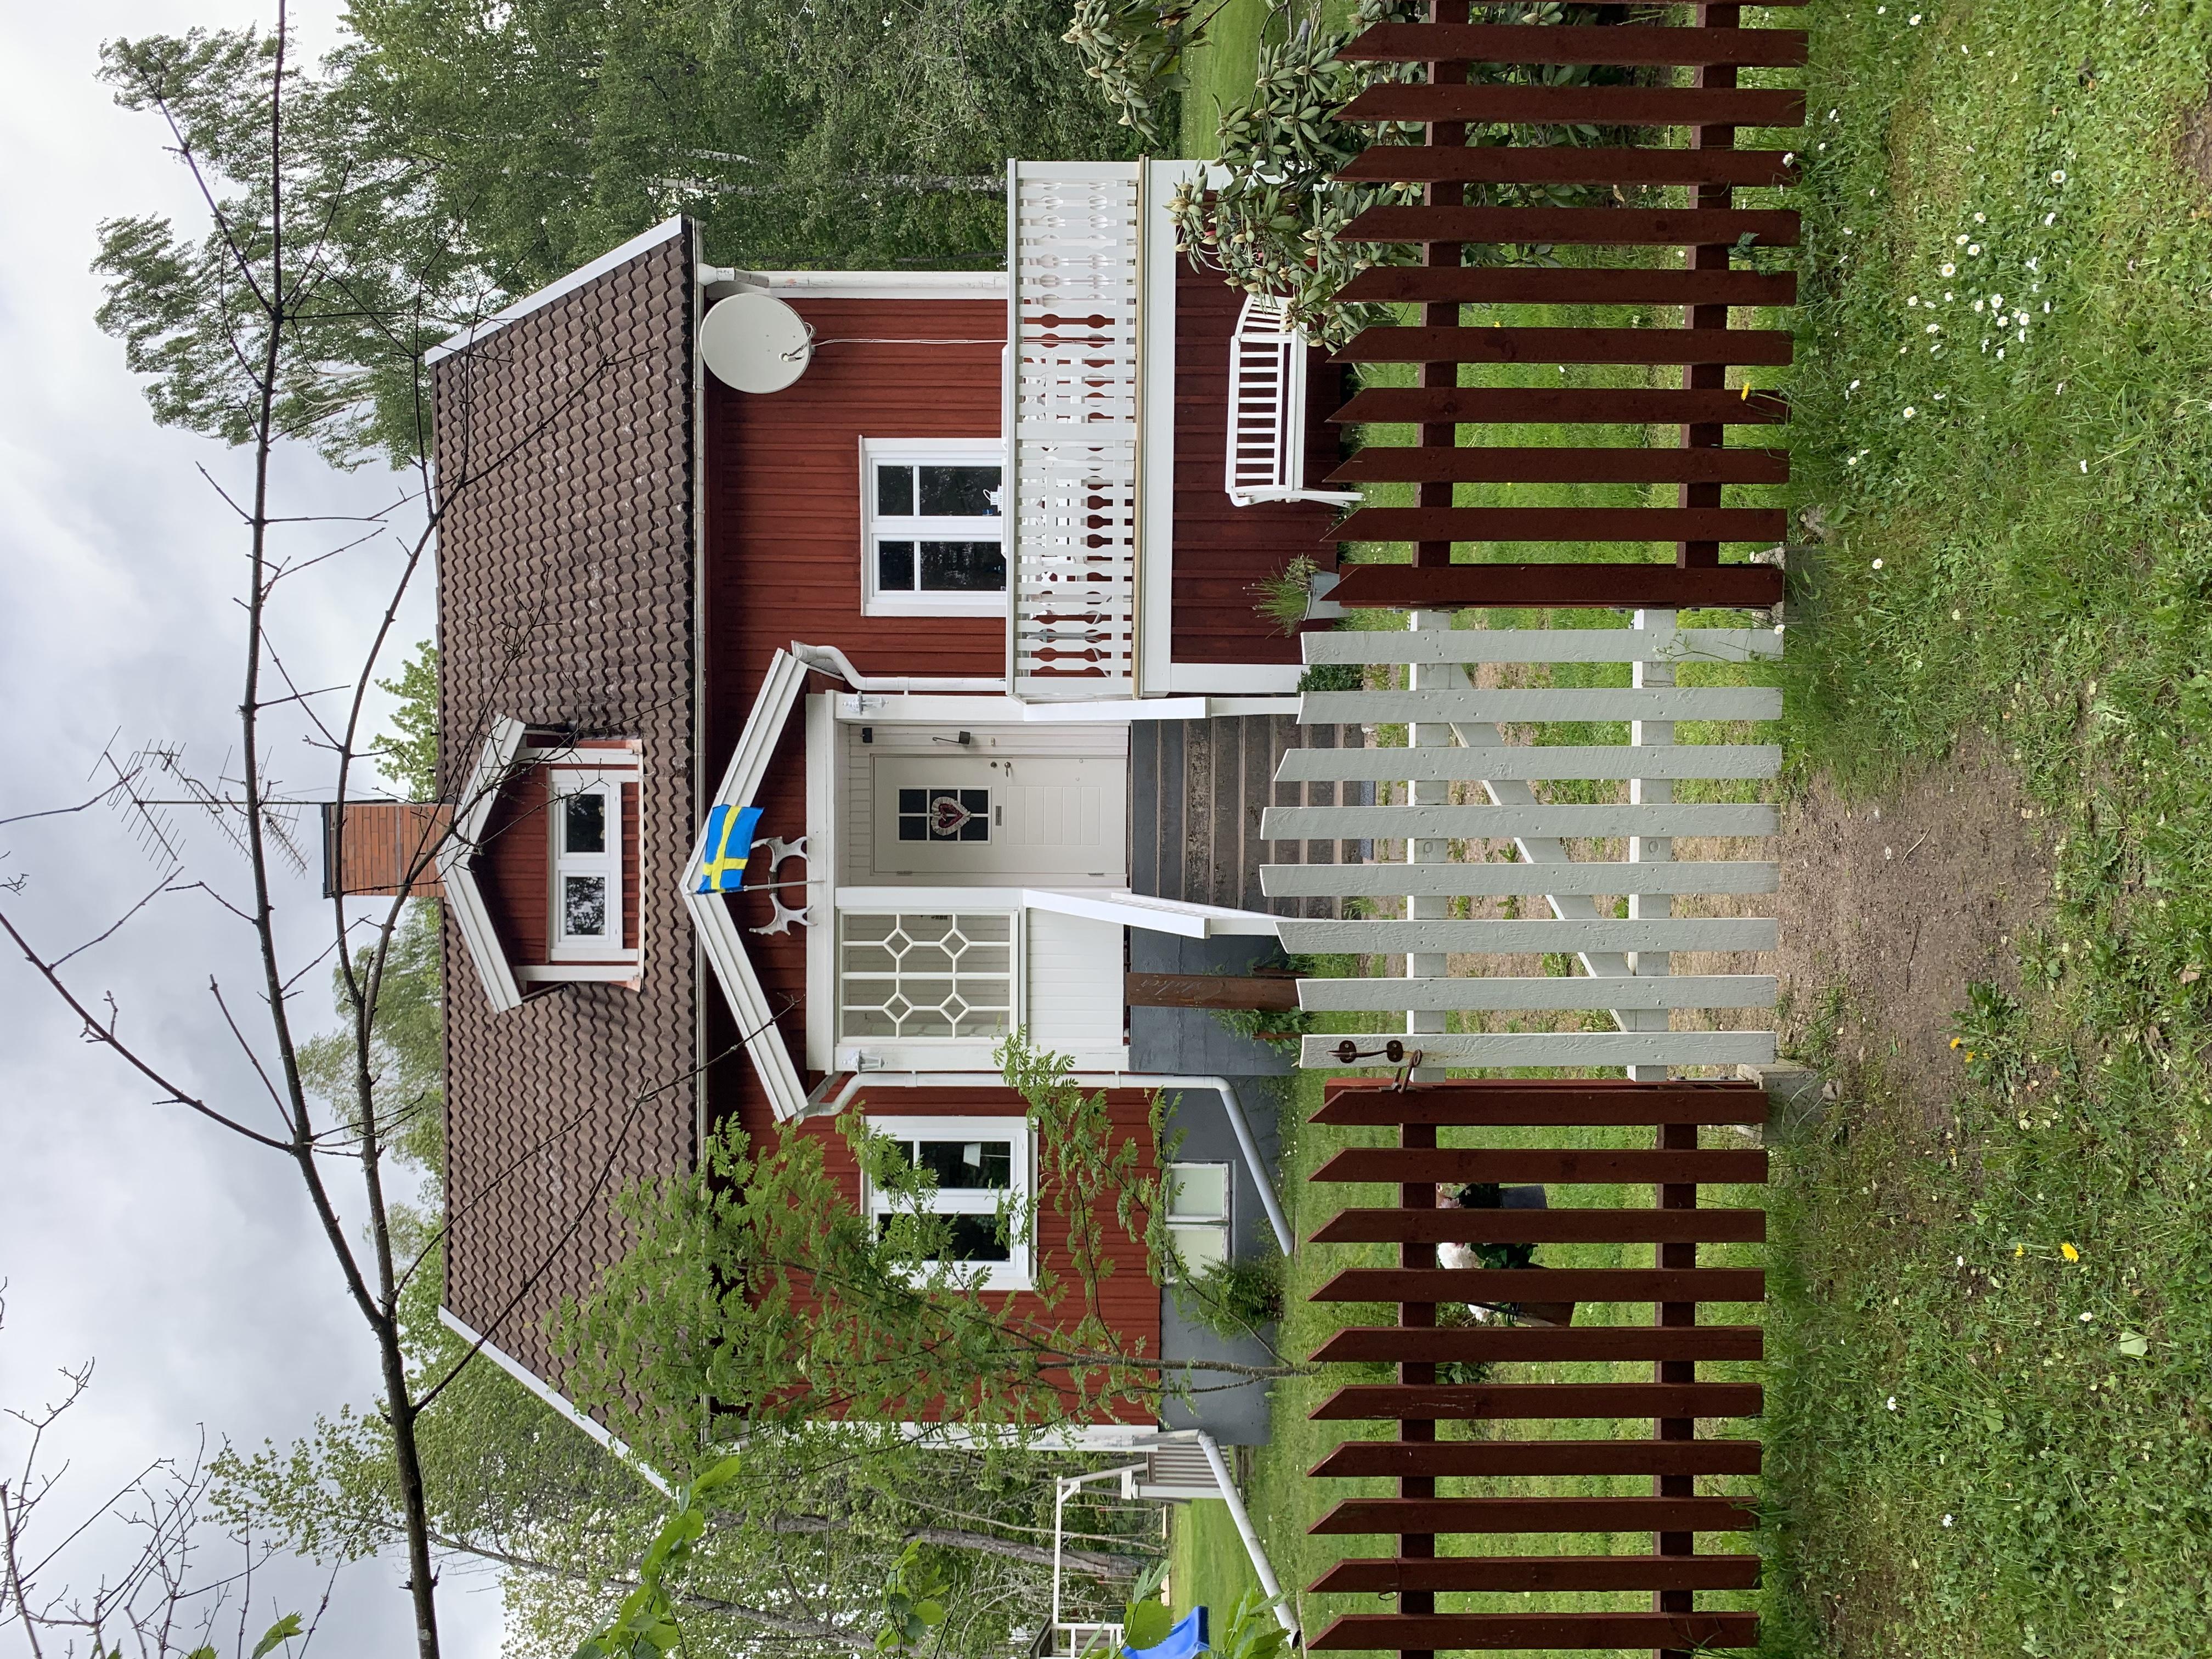 Ferienhaus in schweden zu vermieten ferienhaus oestaker for Ferienhaus in schweden